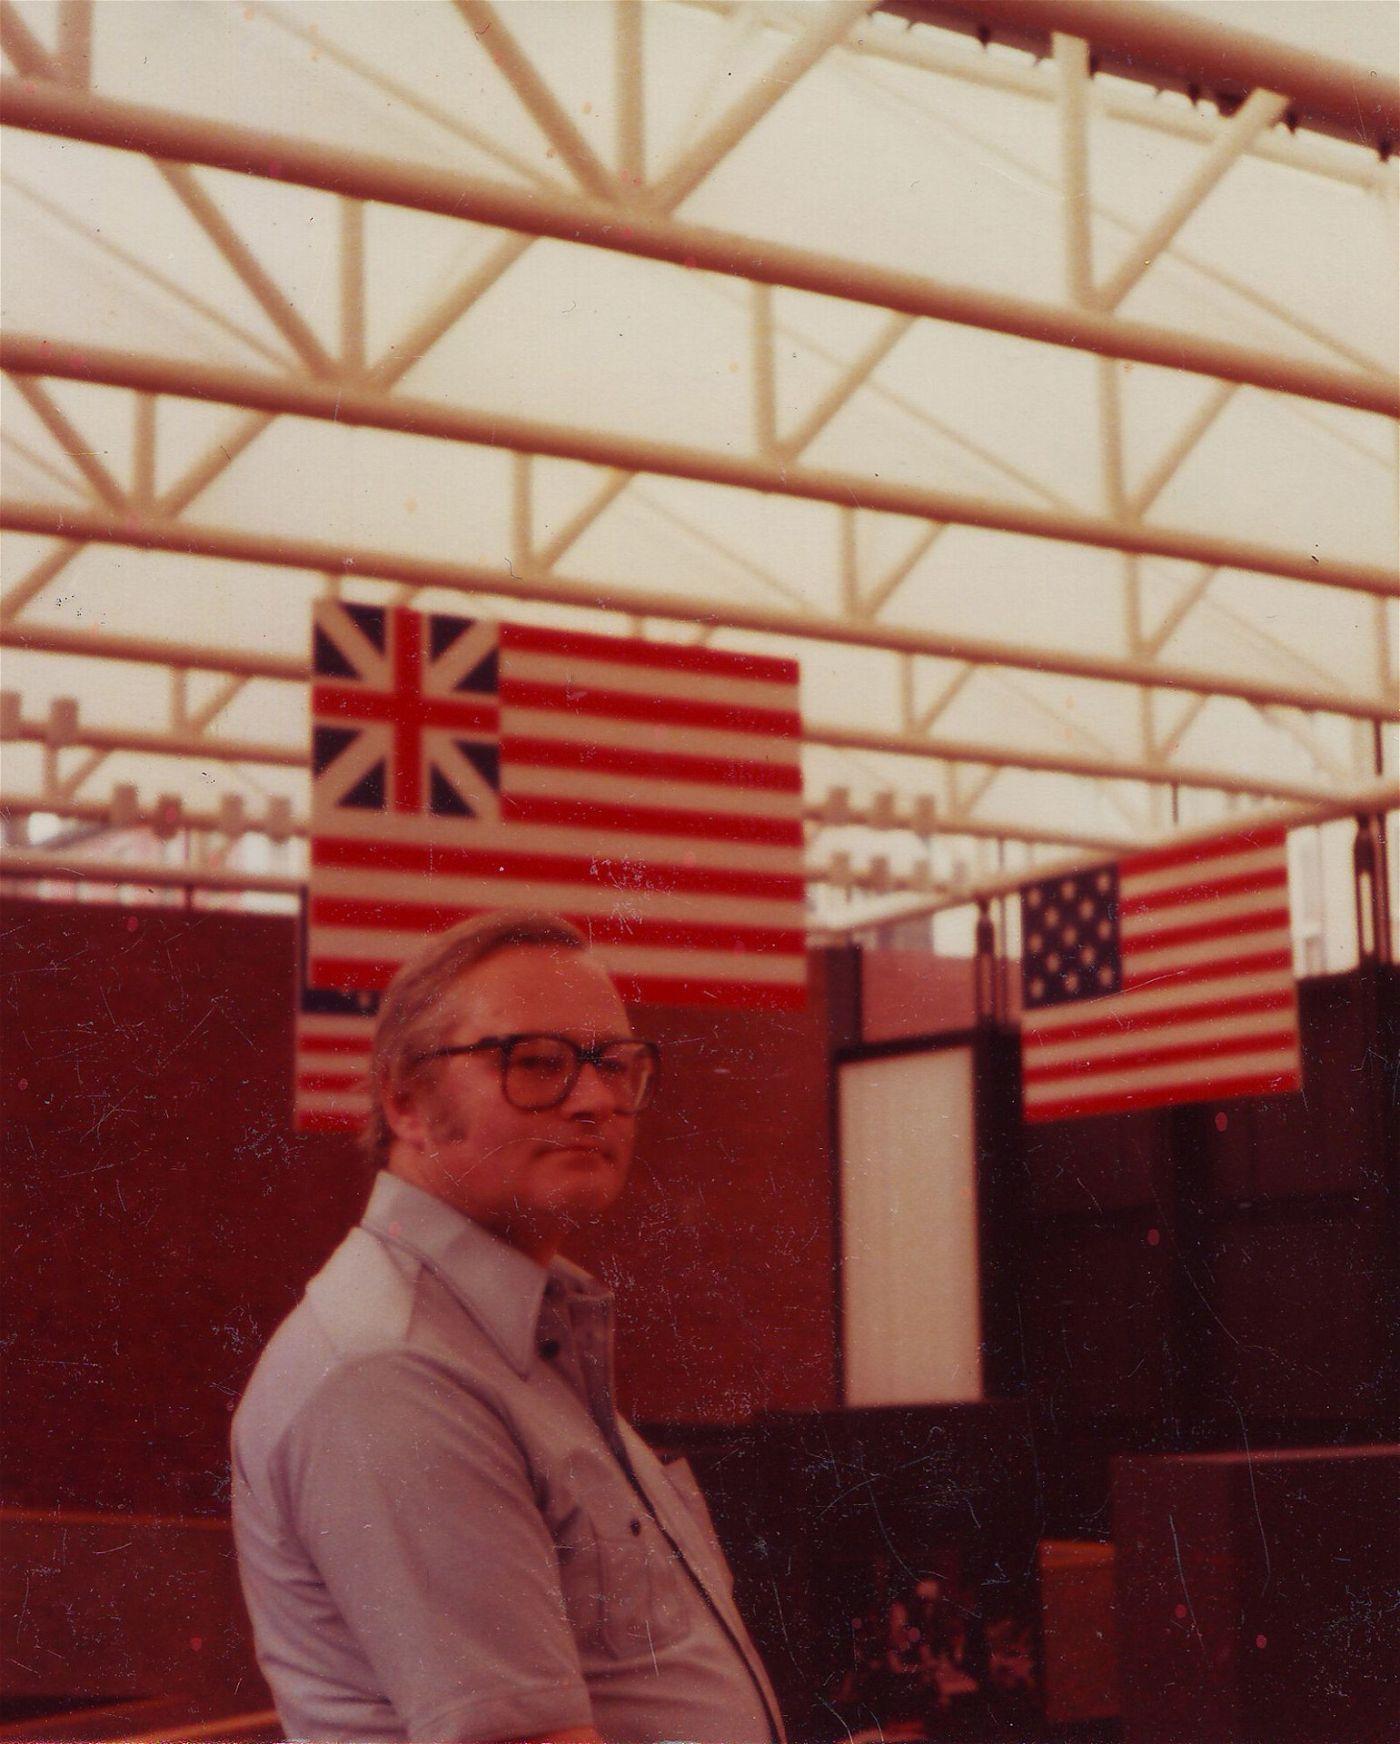 Imants Lesinskis arbeitete jahrelang als Doppelagent für die USA und die Sowjetunion.